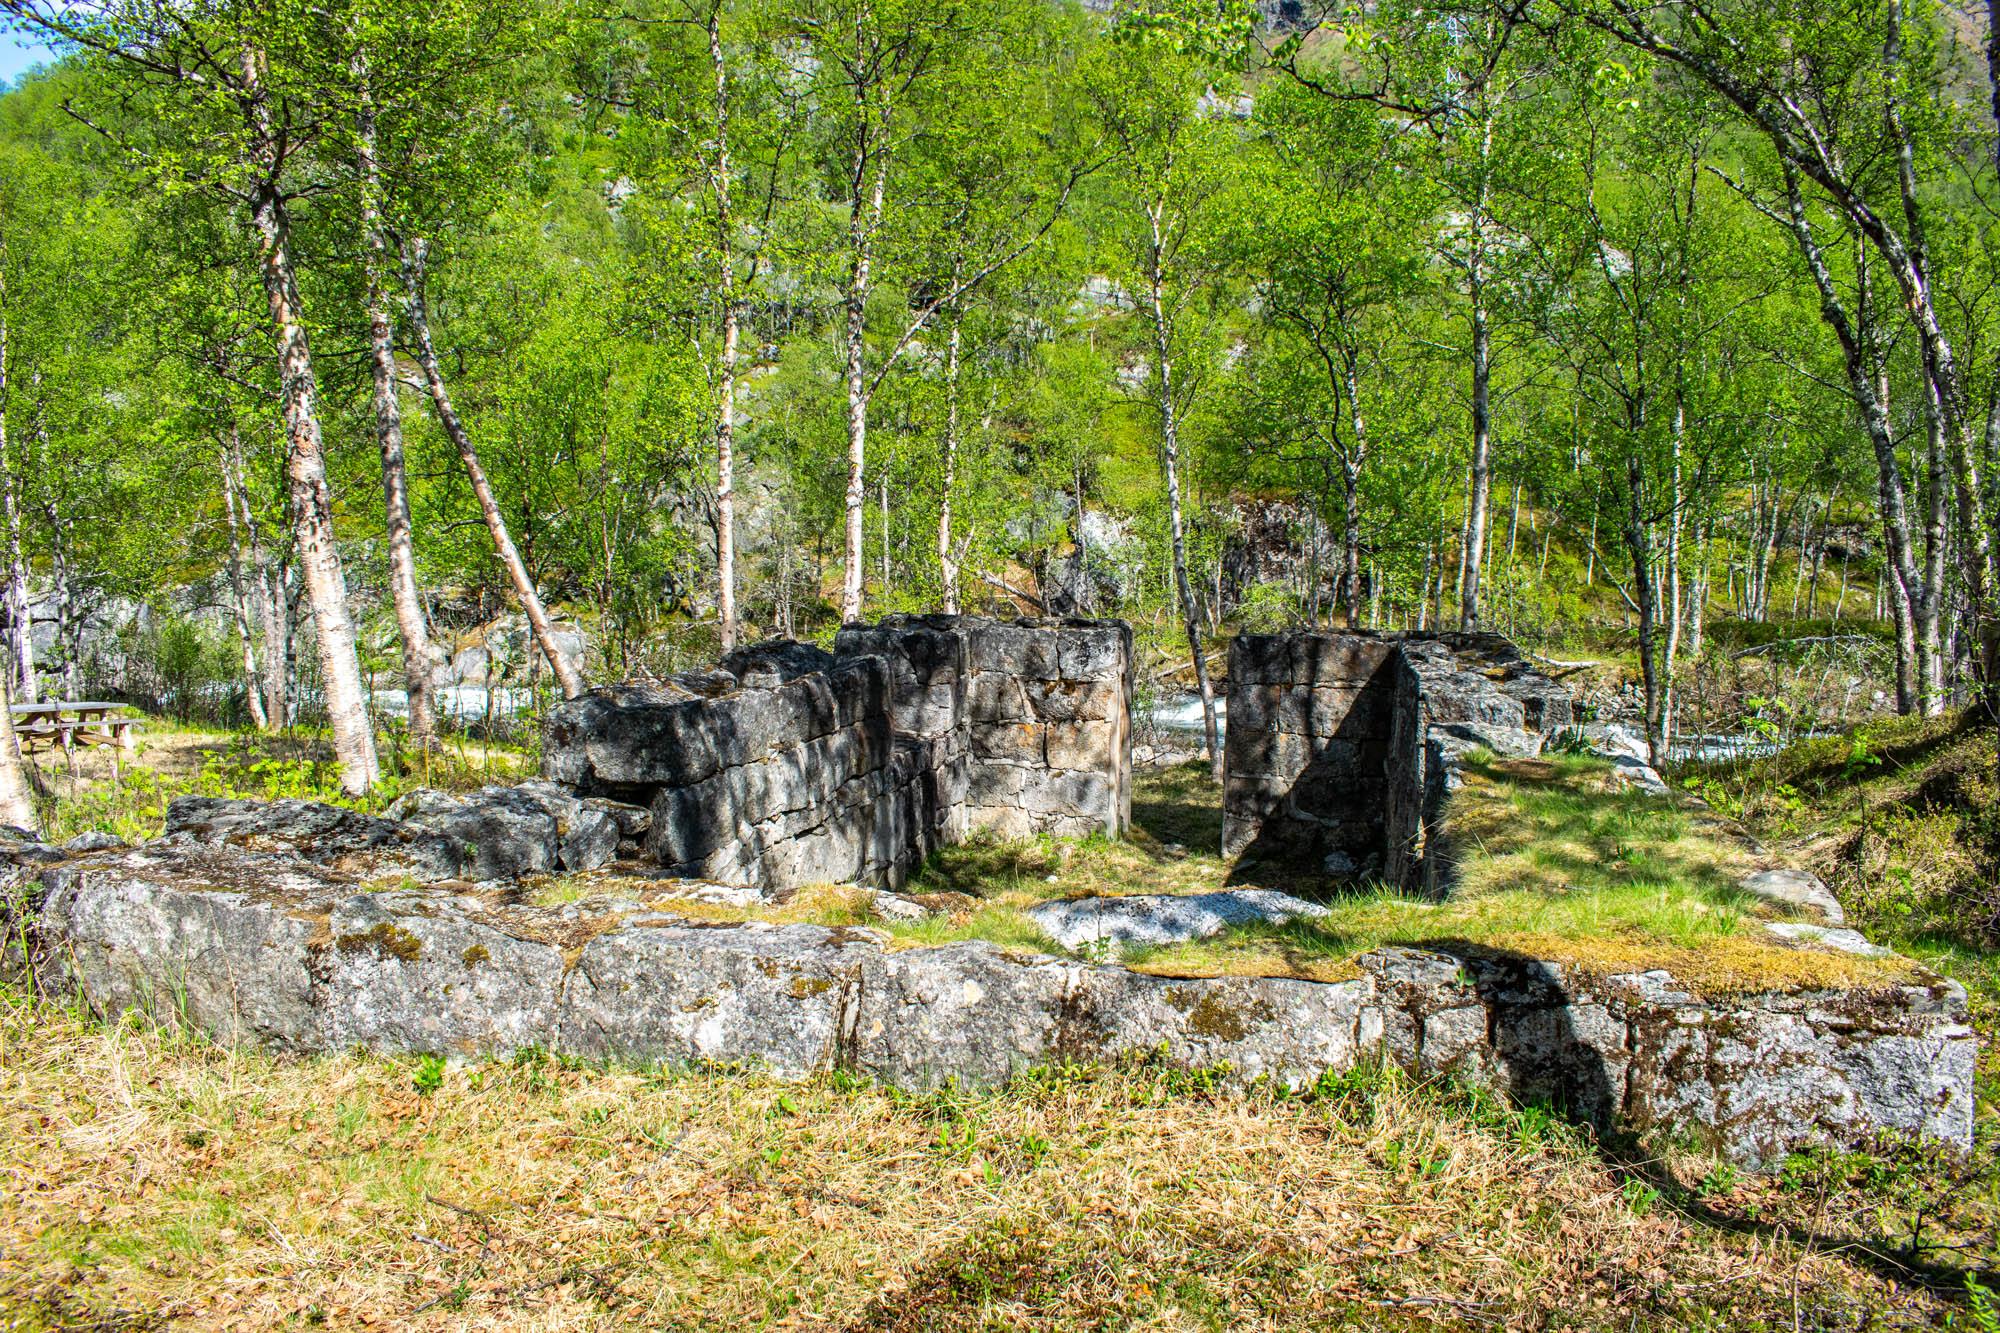 Rester etter bosetning langs Rallarveien fra Rombaksbotn